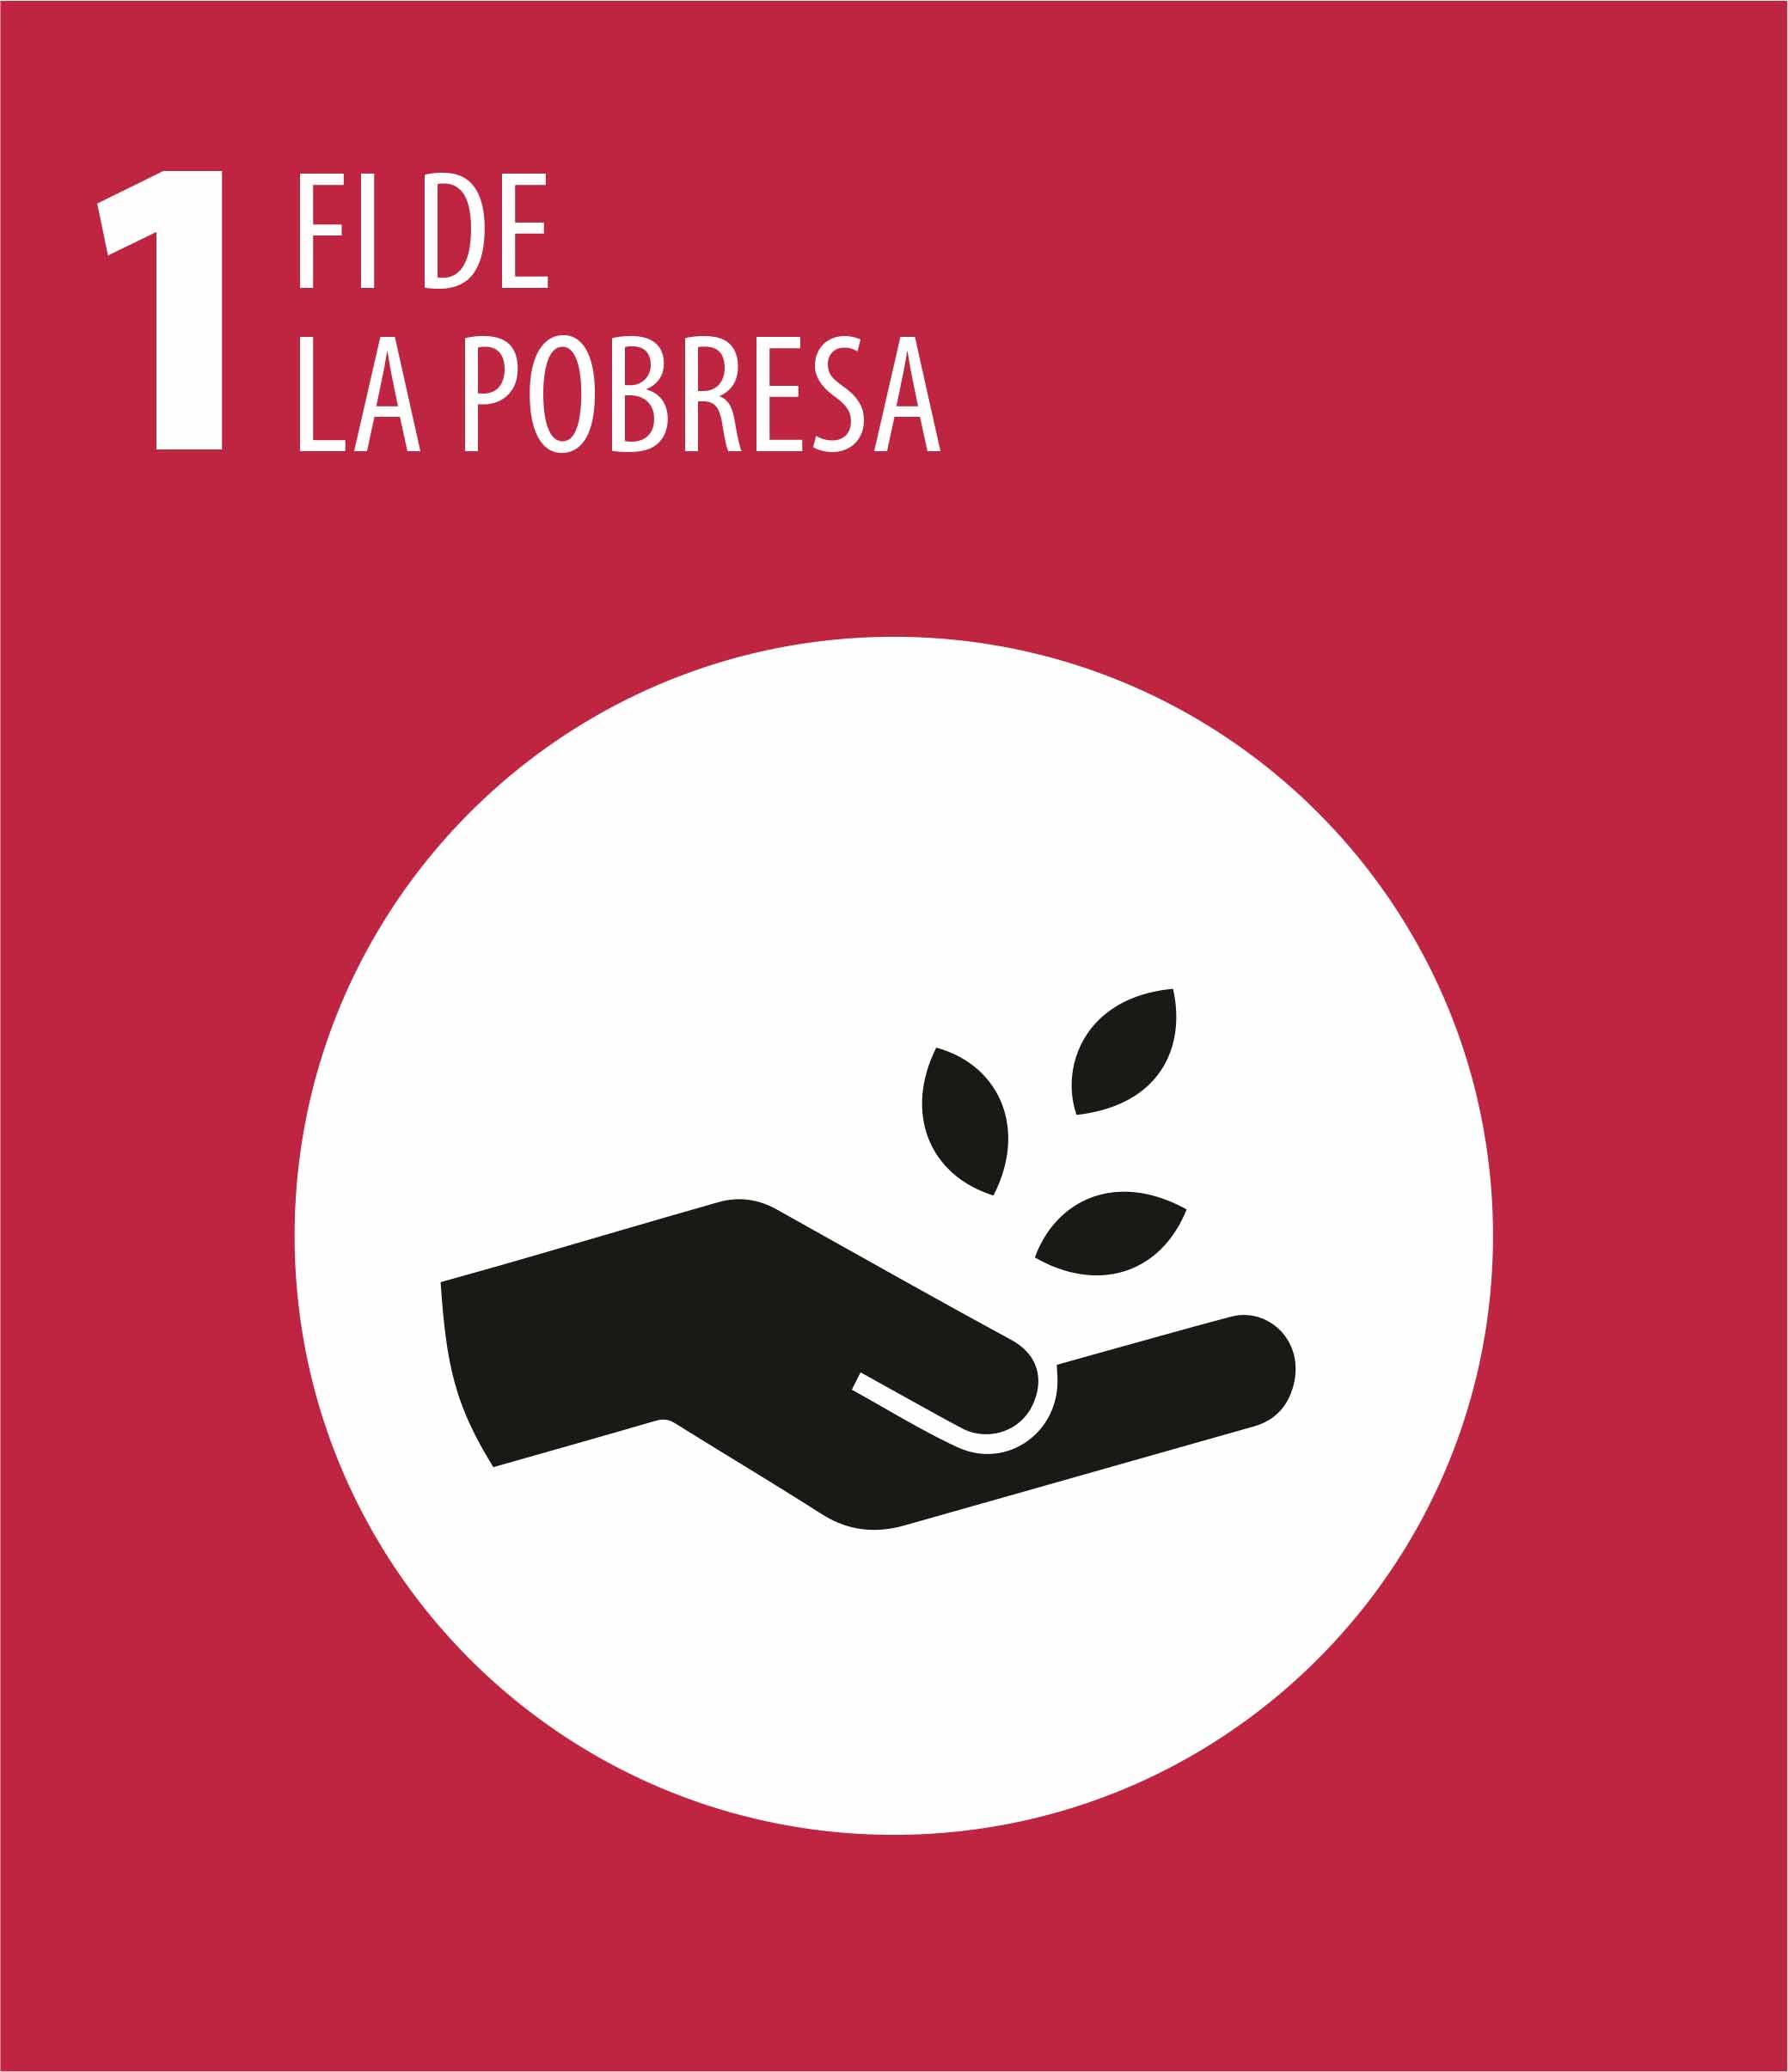 ODS 1 Fi pobresa